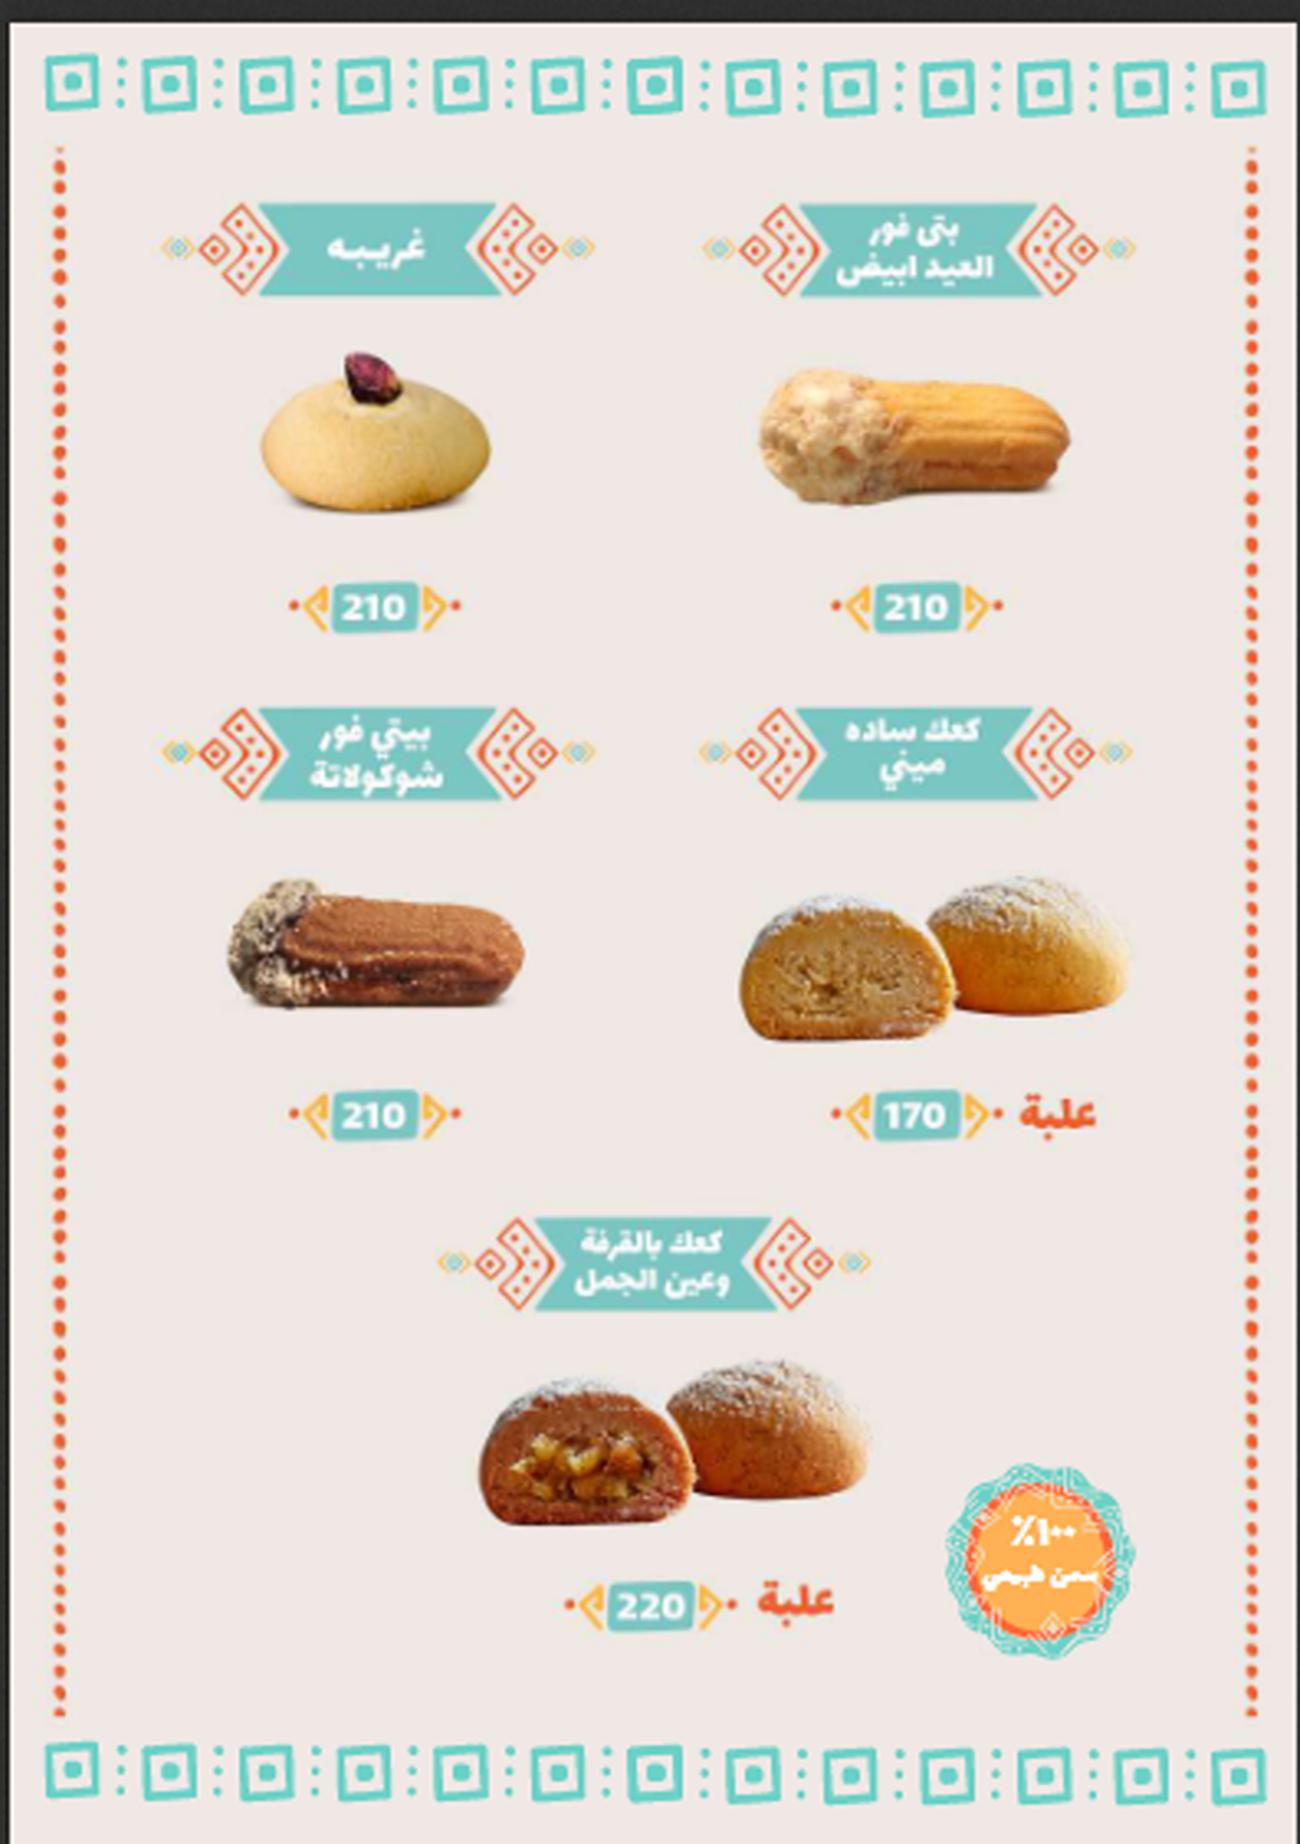 أسعار كعك وبسكويت العيد في لابوار